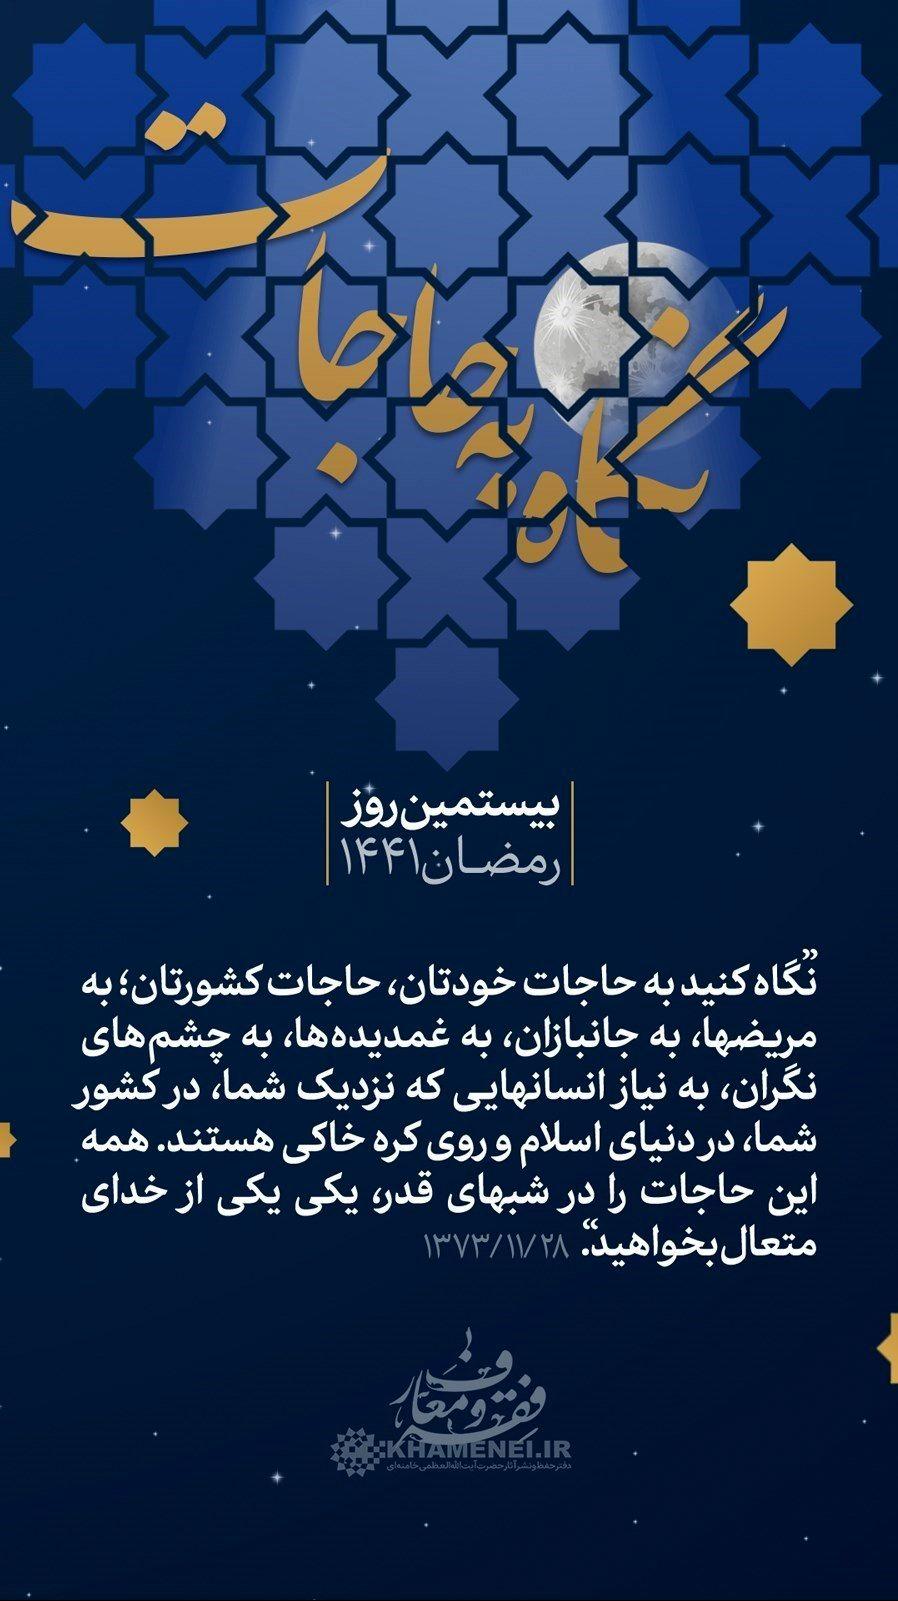 هنرهای تجسمی , پوستر , عکس , امام خامنهای , ماه مبارک رمضان , شبهای قدر ,